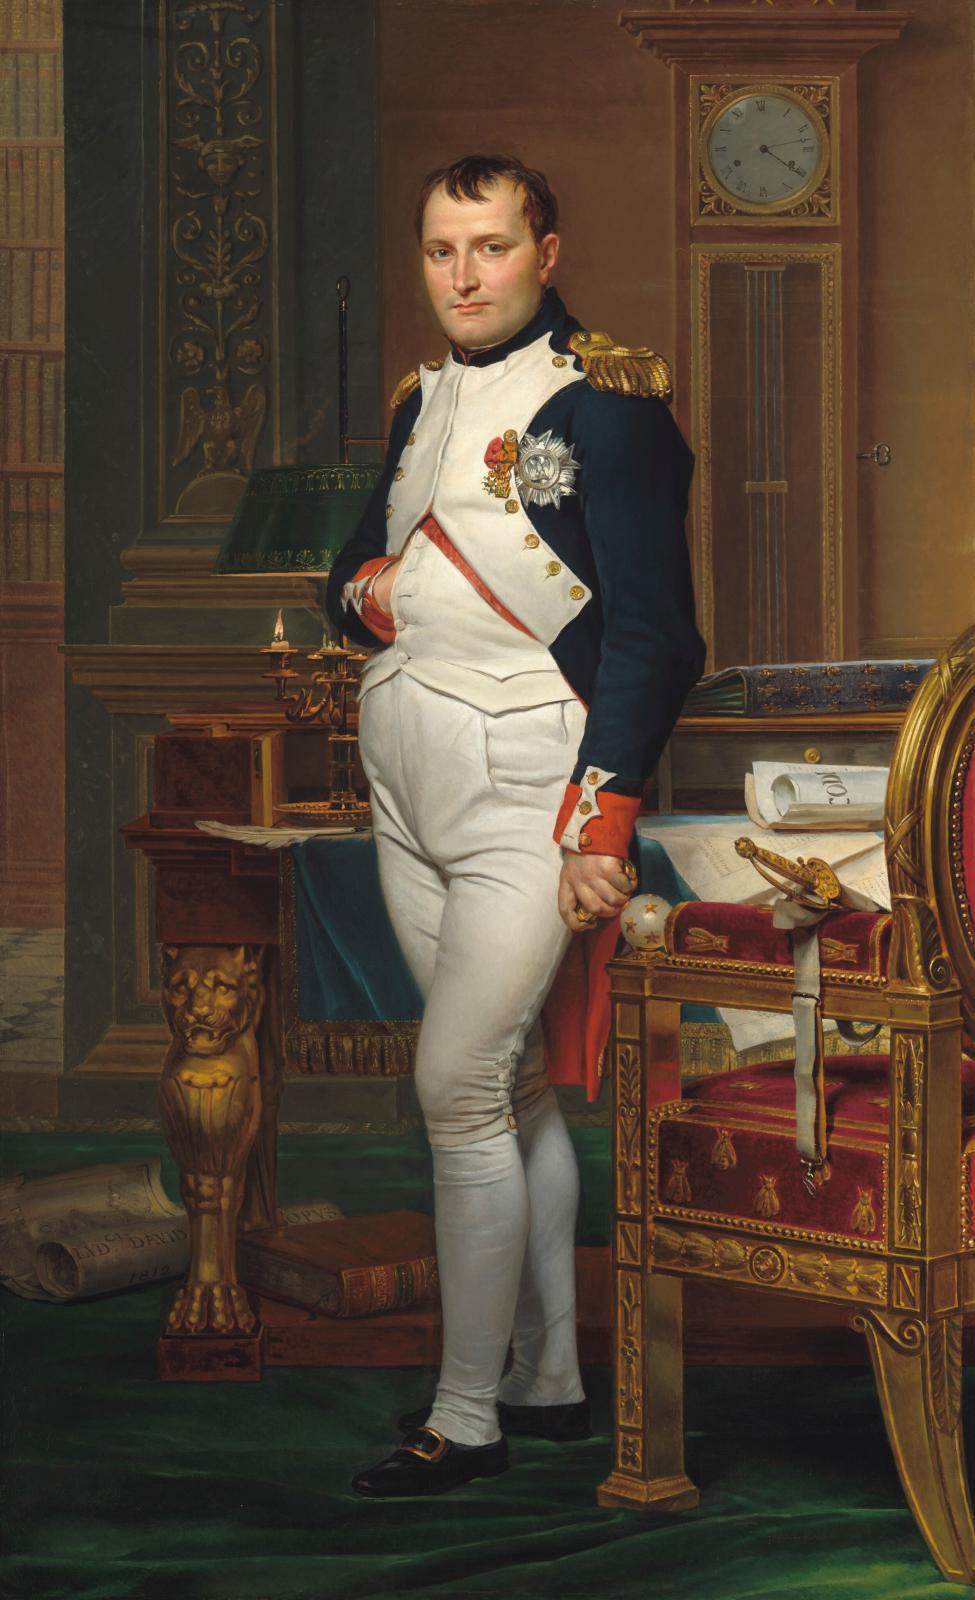 Jacques Louis David (1748-1825), Napoléon dans son cabinet de travail aux Tuileries (Napoleon in His Study at the Tuileries Palace), 1812,